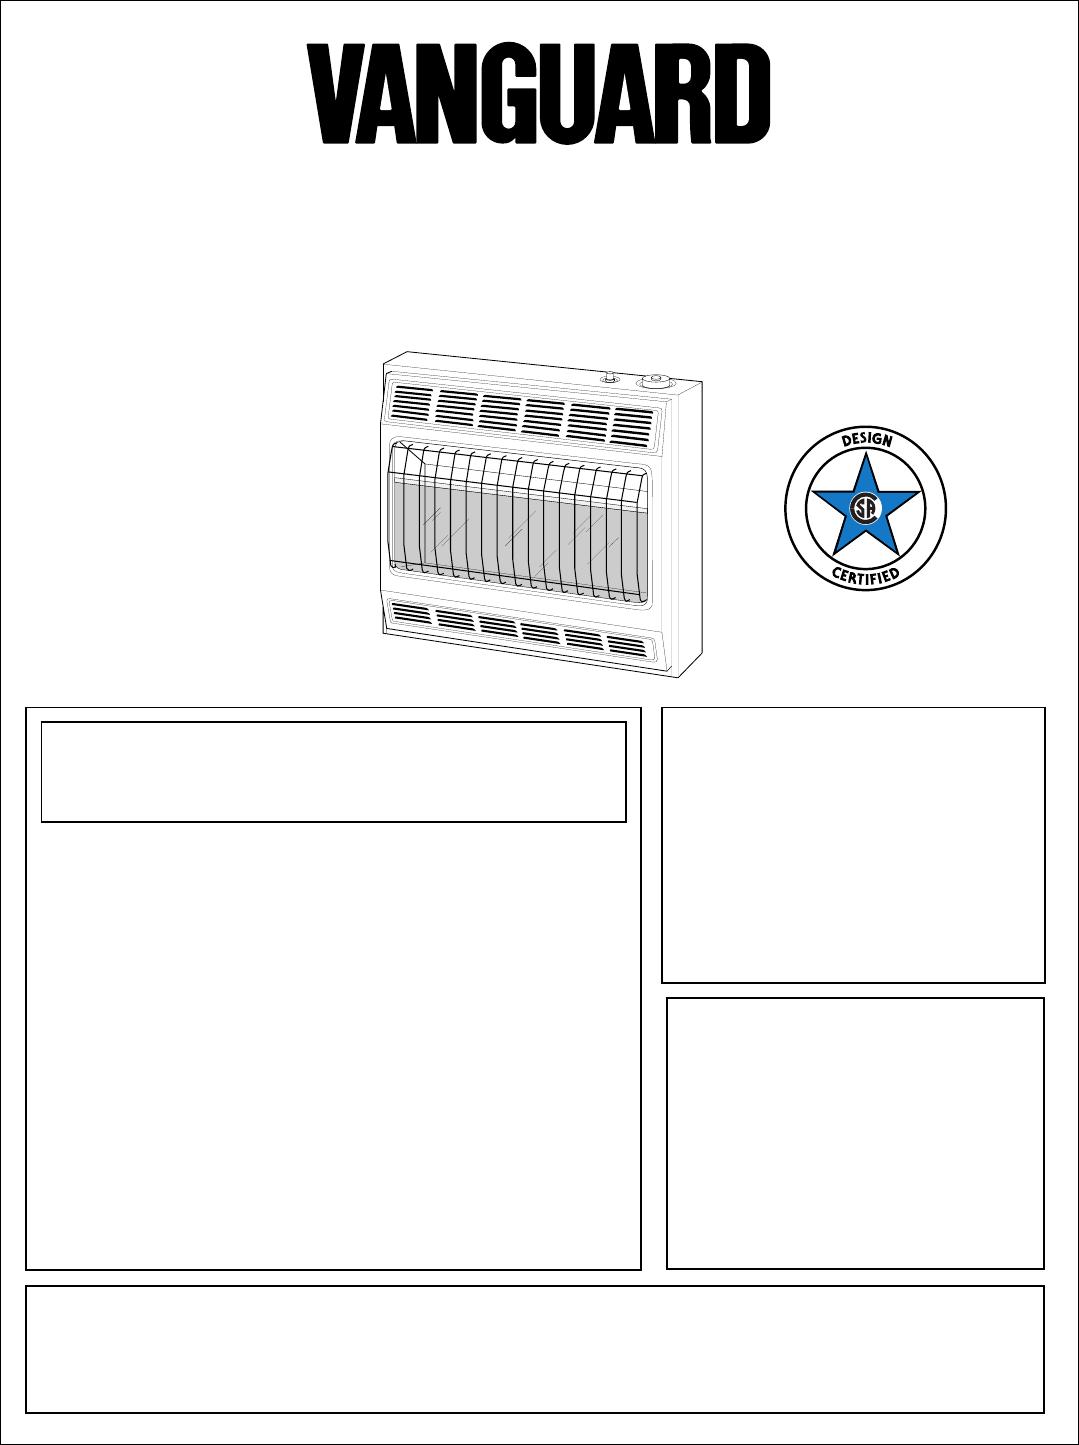 vanguard heating gas heater vp2800btd user guide manualsonline com